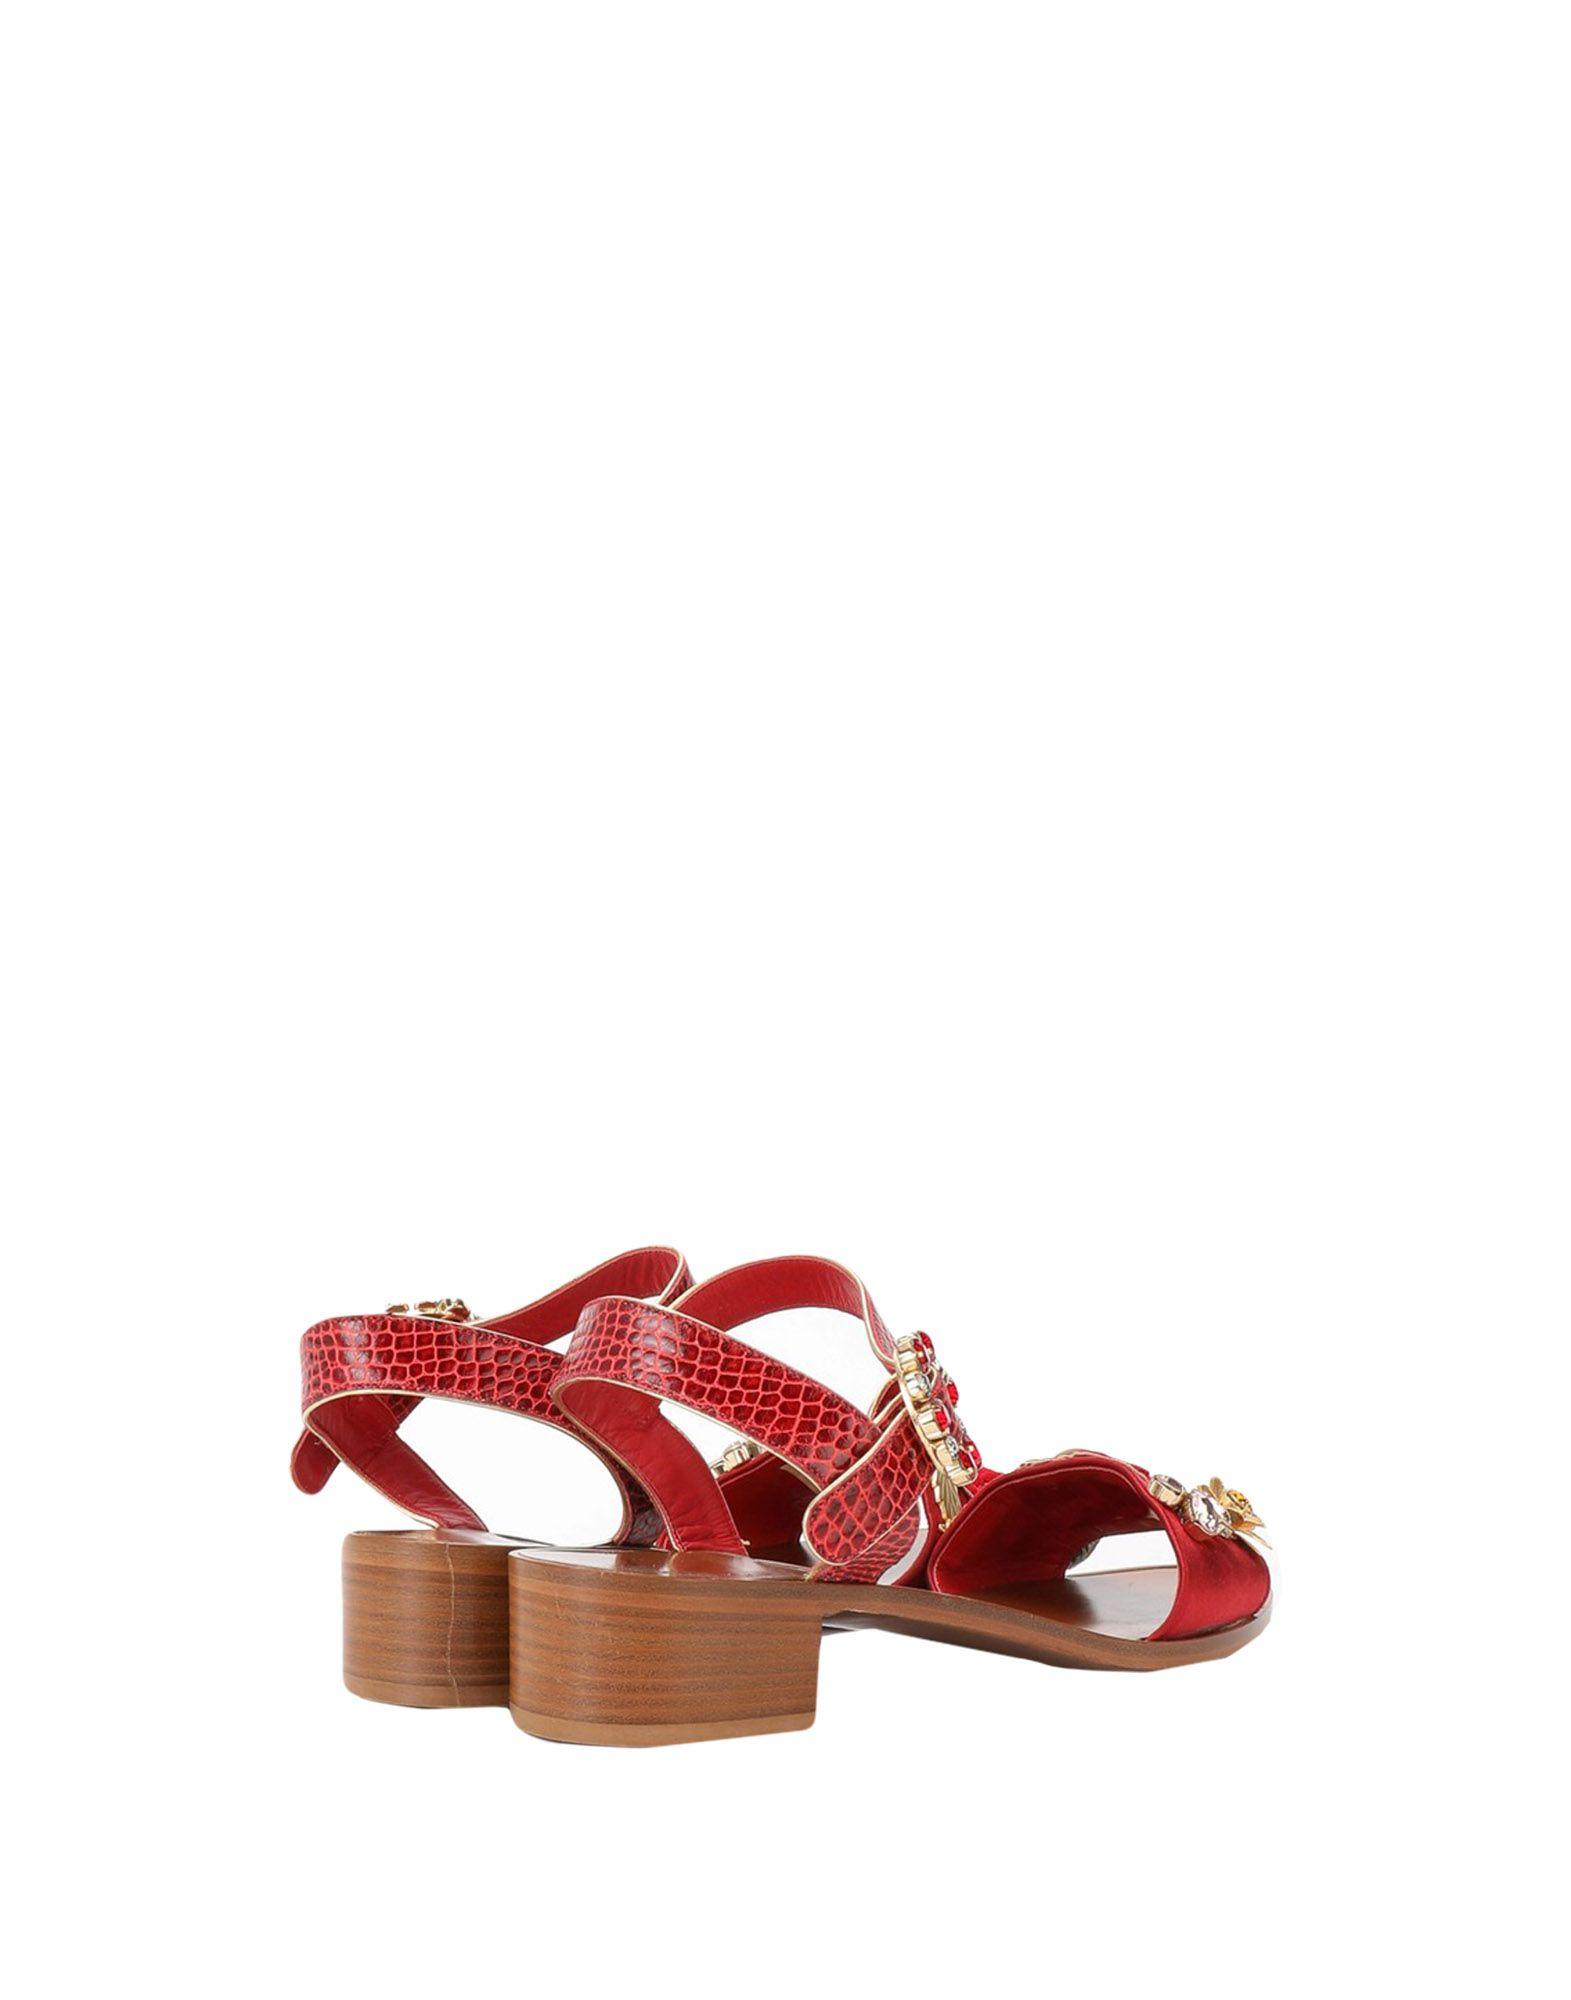 Dolce Gutes & Gabbana Sandalen Damen Gutes Dolce Preis-Leistungs-Verhältnis, es lohnt sich 2716 8a0320